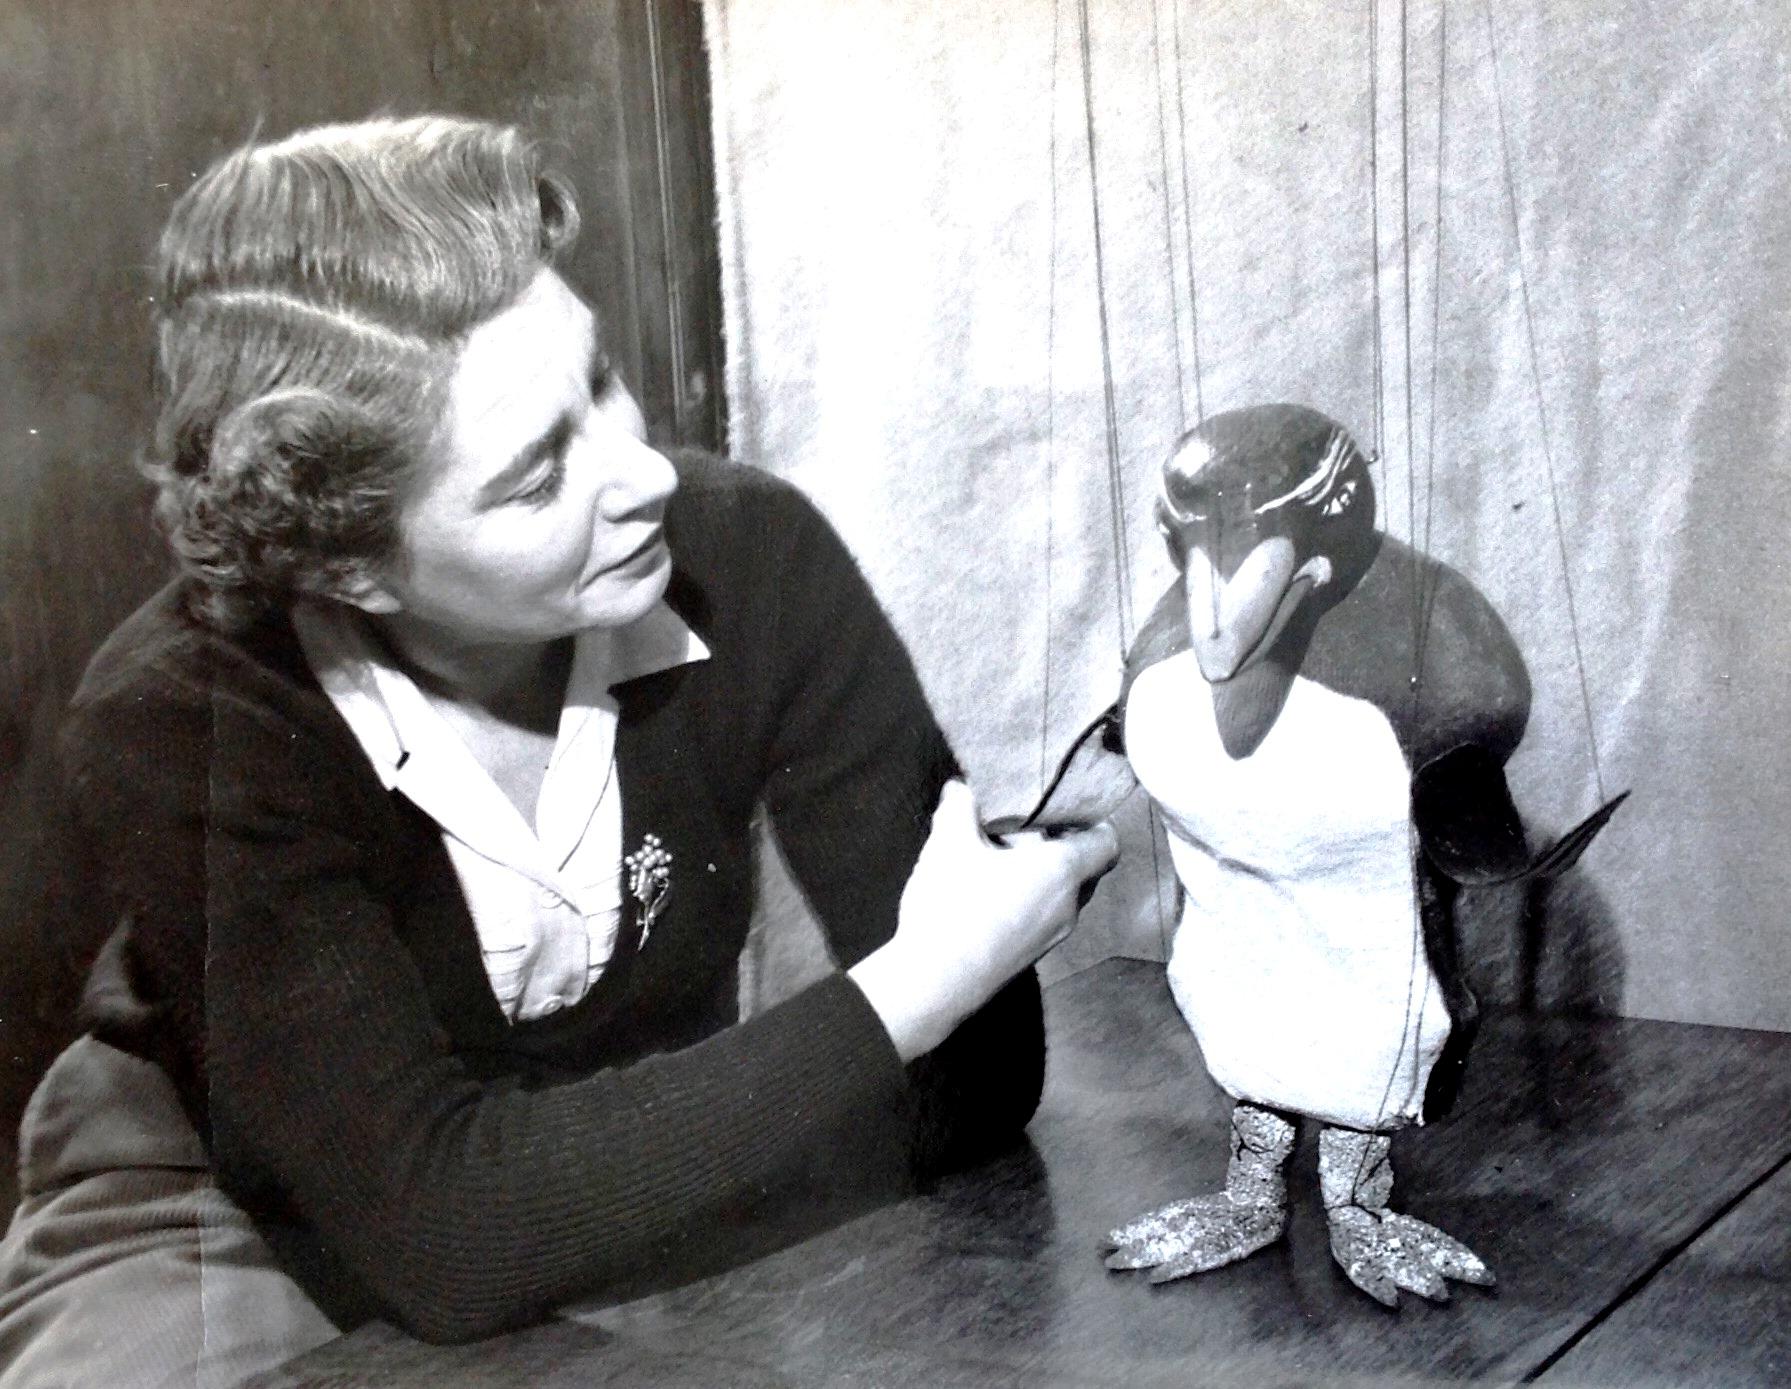 Ann Hogarth avec Peregrine Penguin. Marionnette à fils. Photo réproduite avec l'aimable autorisation de Collection : The National Puppetry Archive